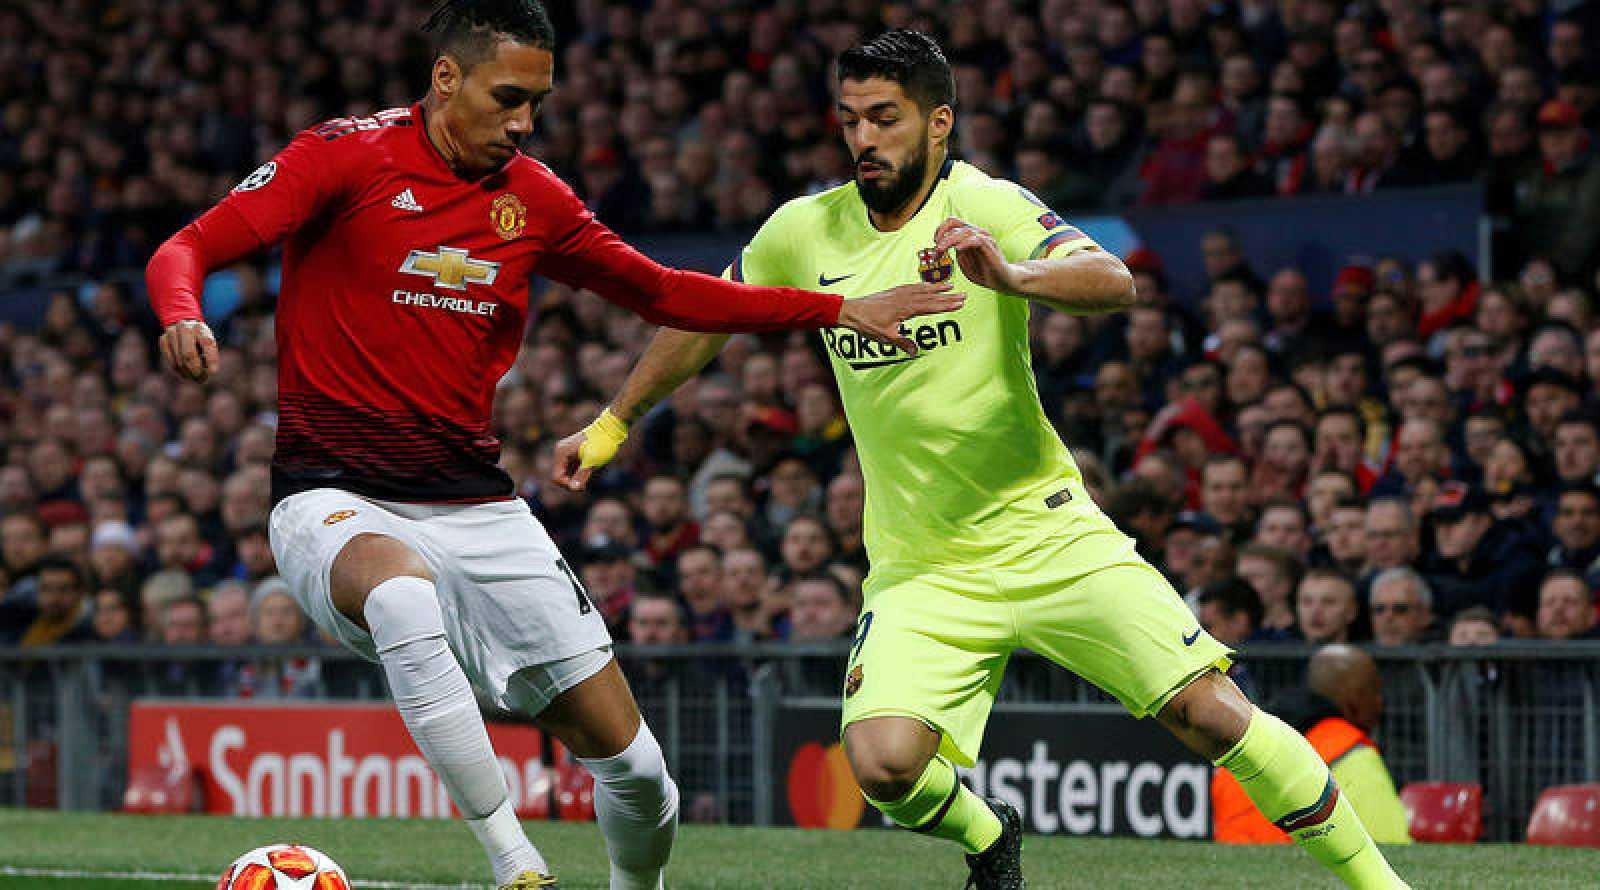 Barcelona y Manchester United disputan la ida de los cuartos de final de la Champions.